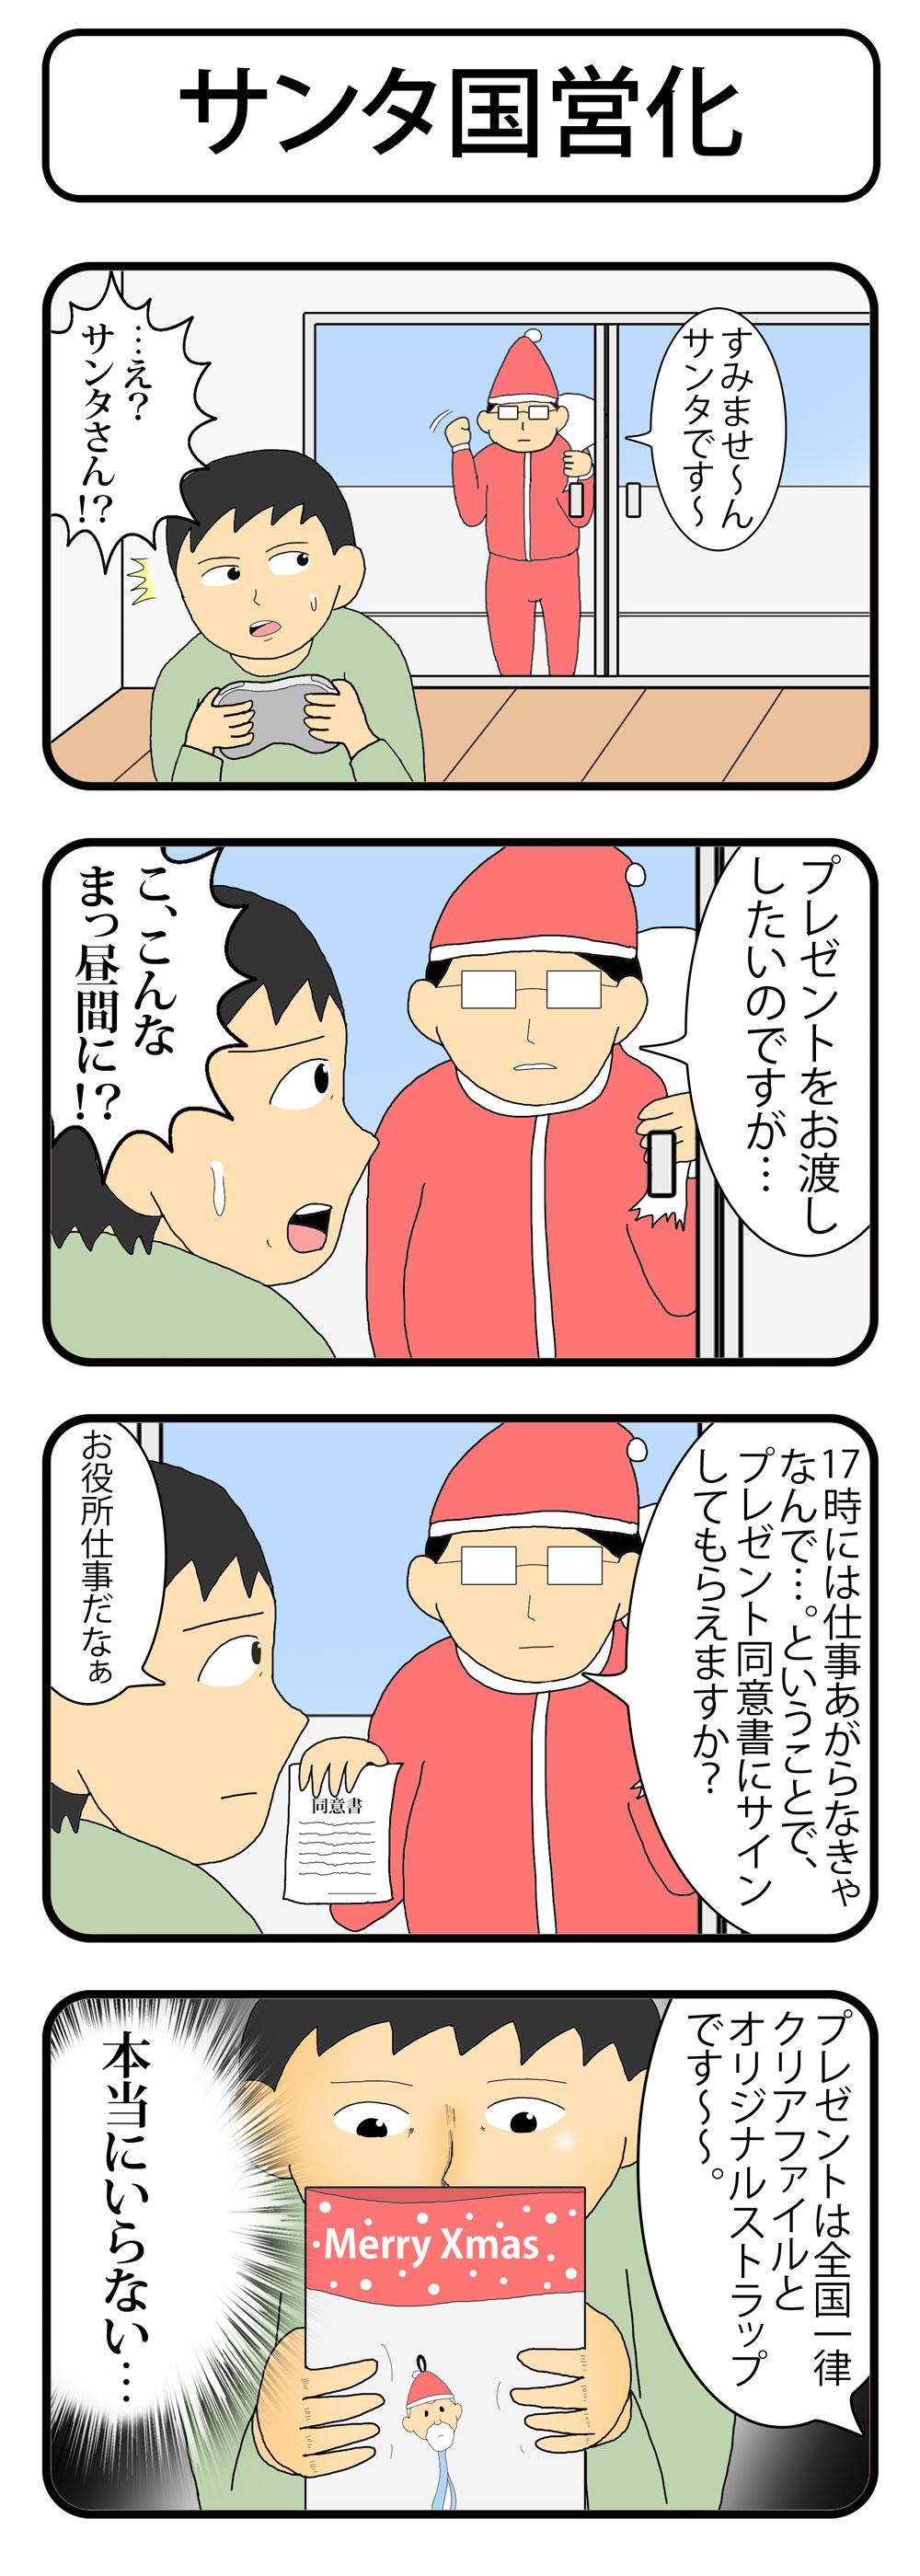 ①サンタ国営化c